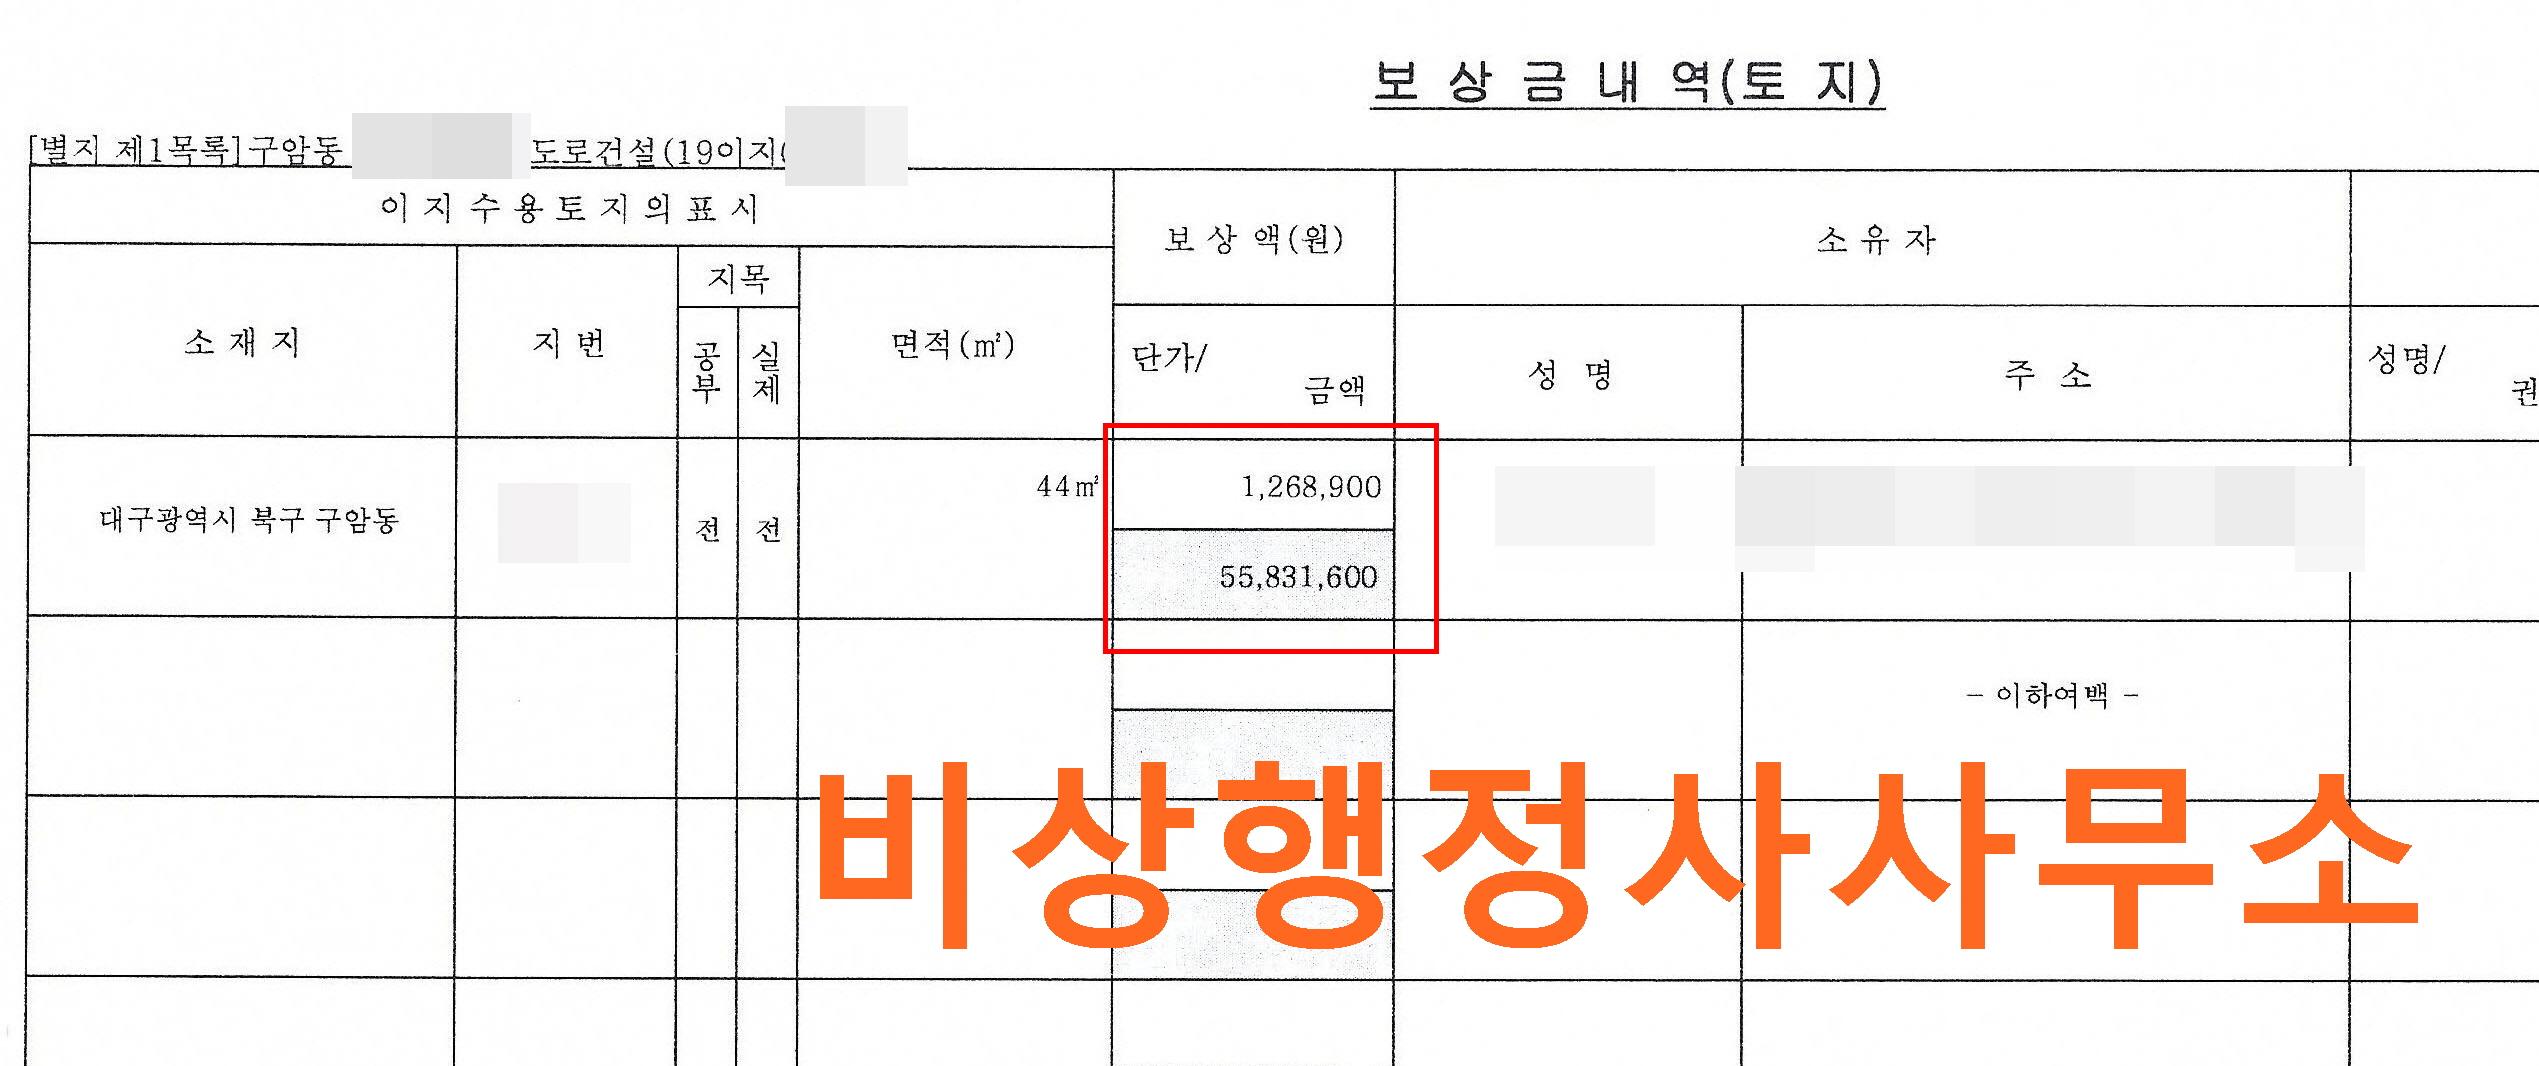 [꾸미기]페이지_ 이의재결재결서.jpg